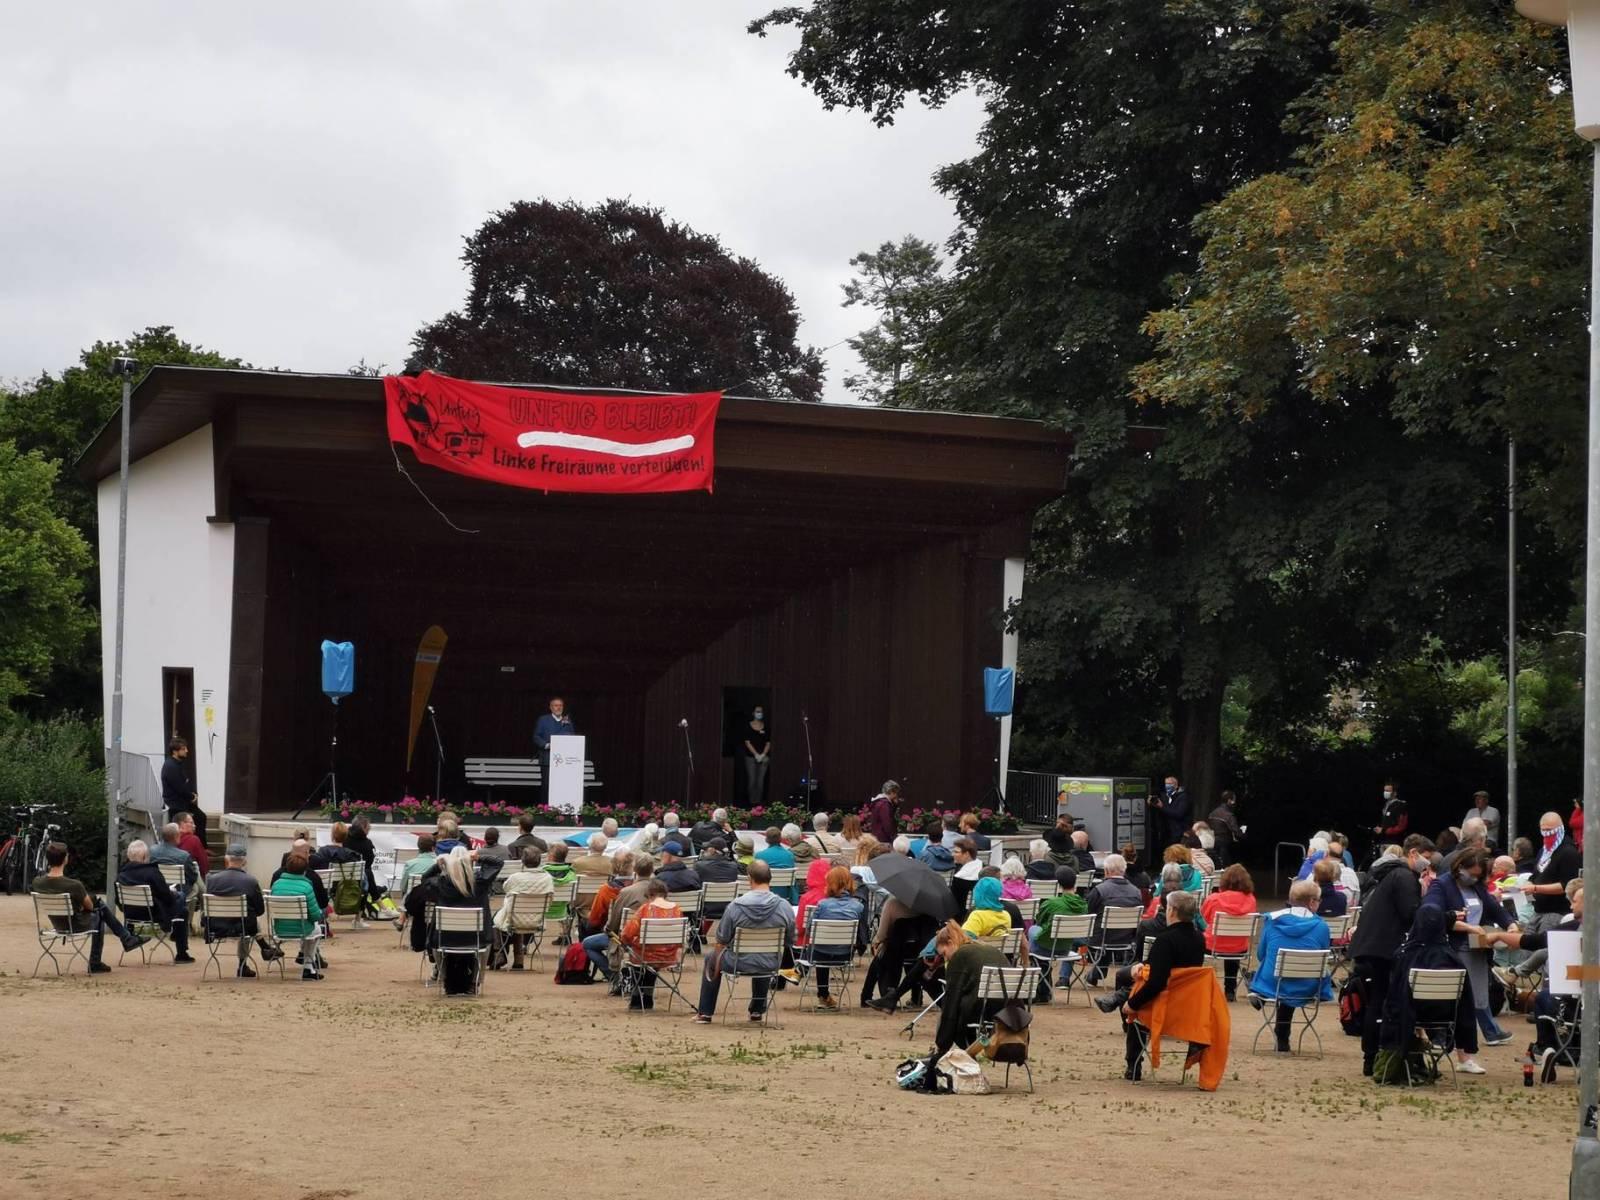 lueneburg2030-zukunkunfsstadt-protest-gegen-ob4